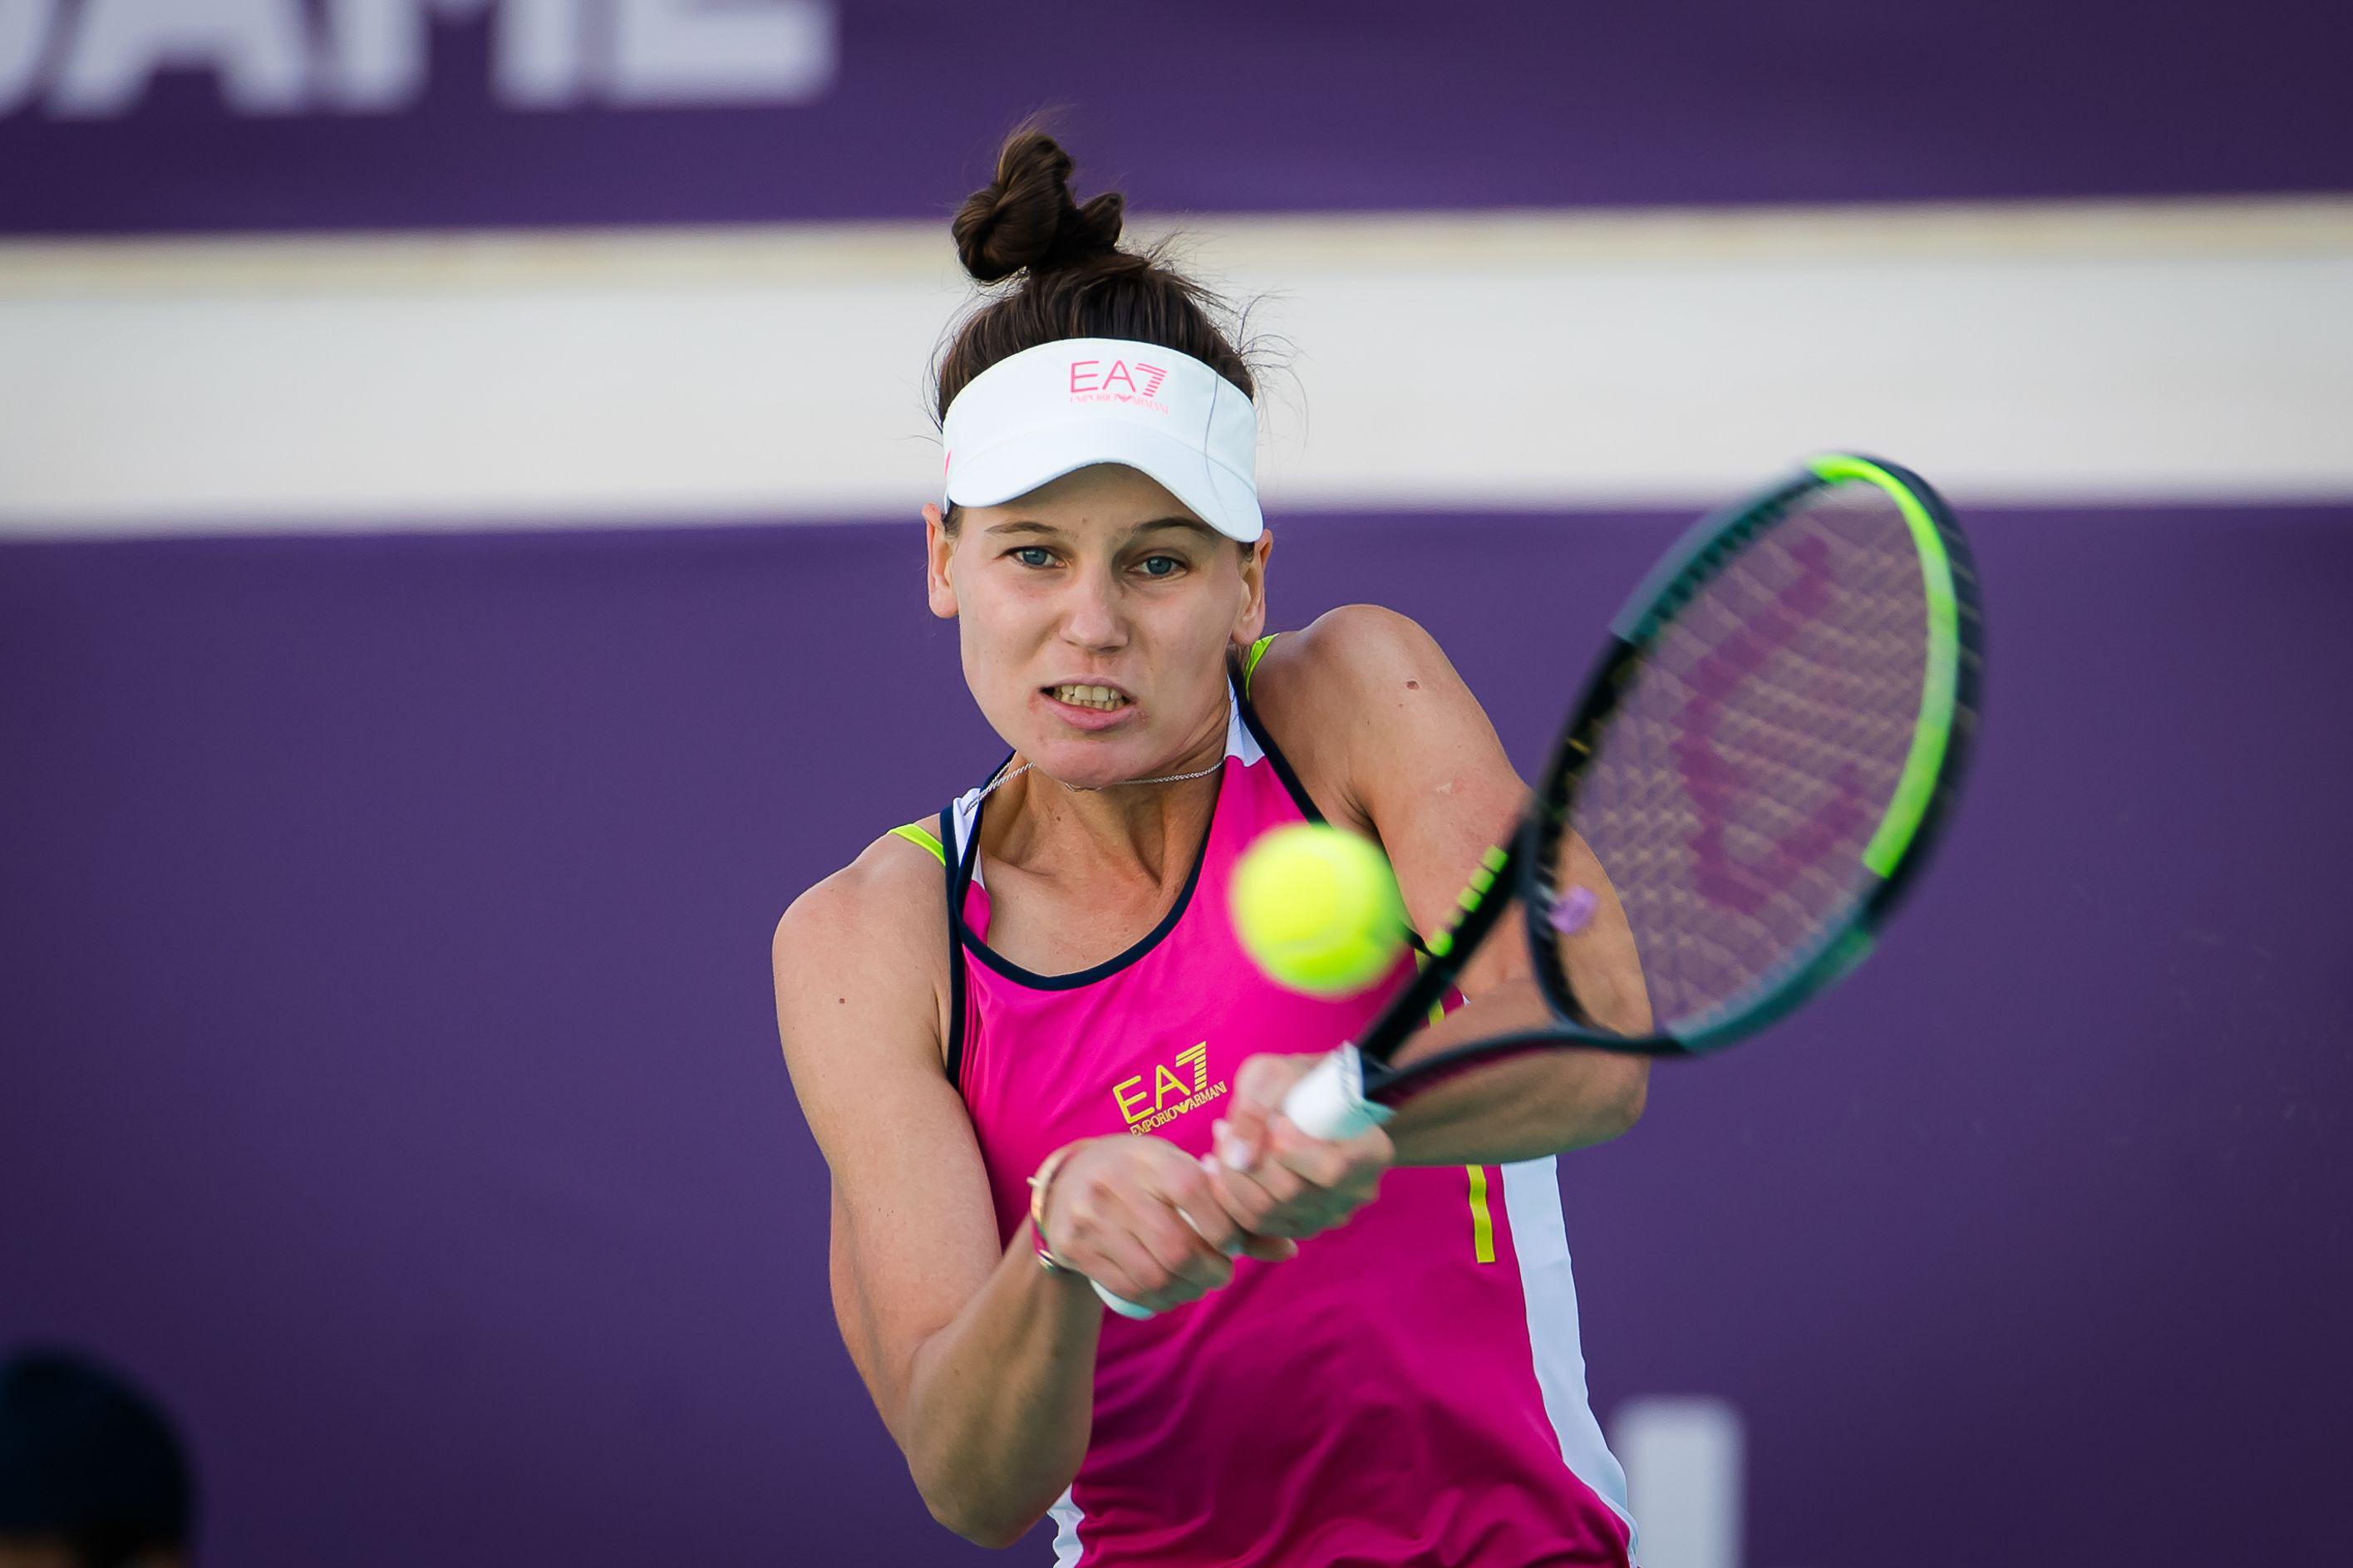 Кудерметова уступила Роджерс в первом круге турнира в Аделаиде, Севастова пробилась во 2-й круг